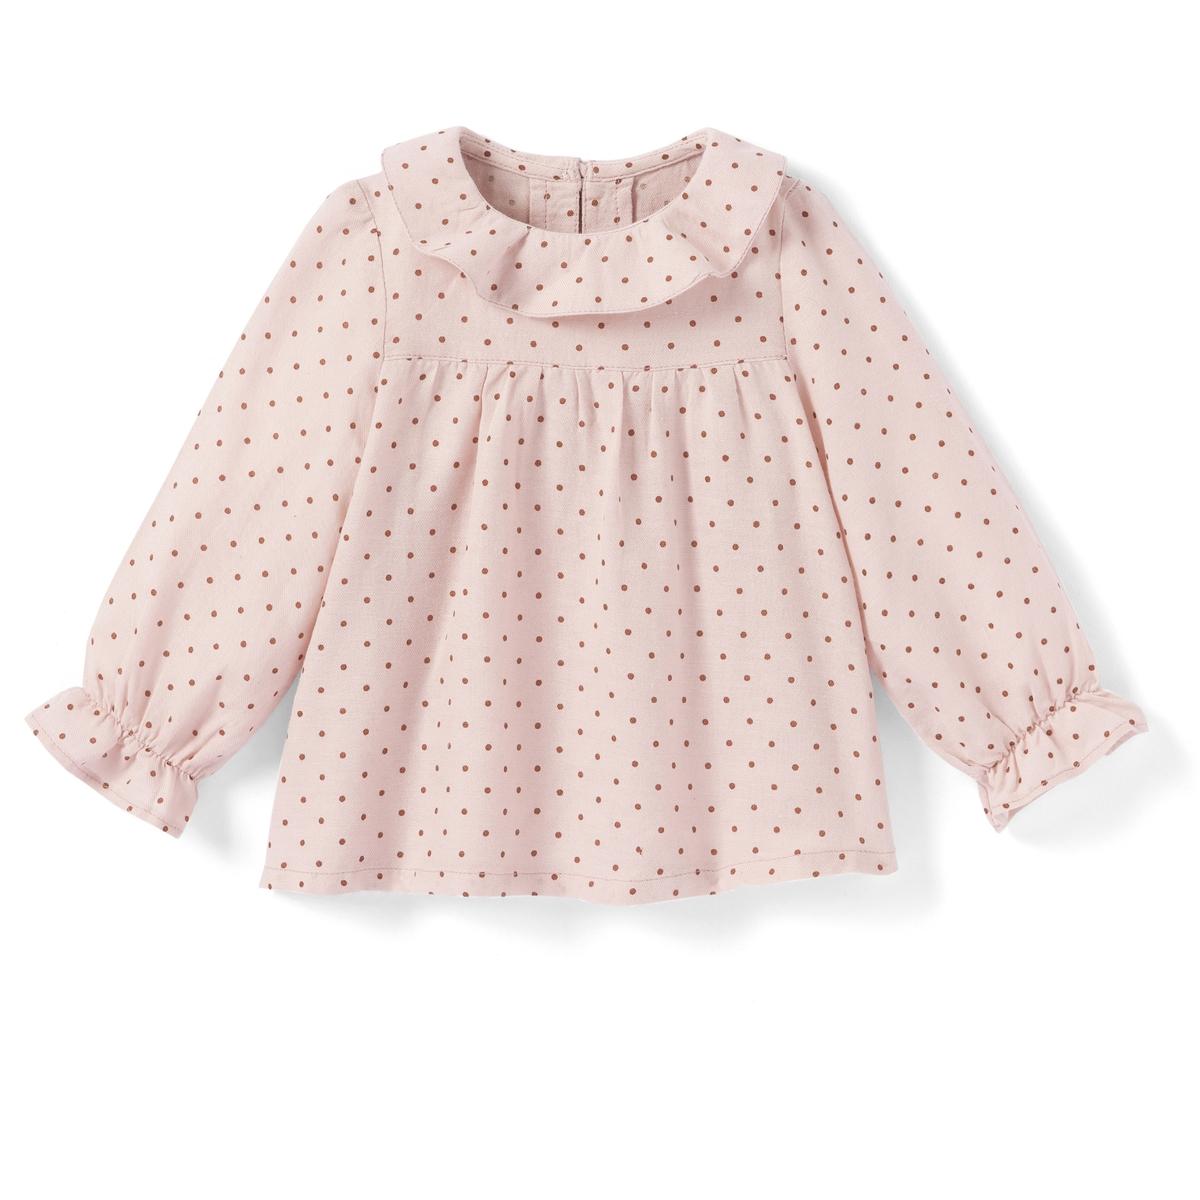 Блузки для девочек купить в нижнем новгороде